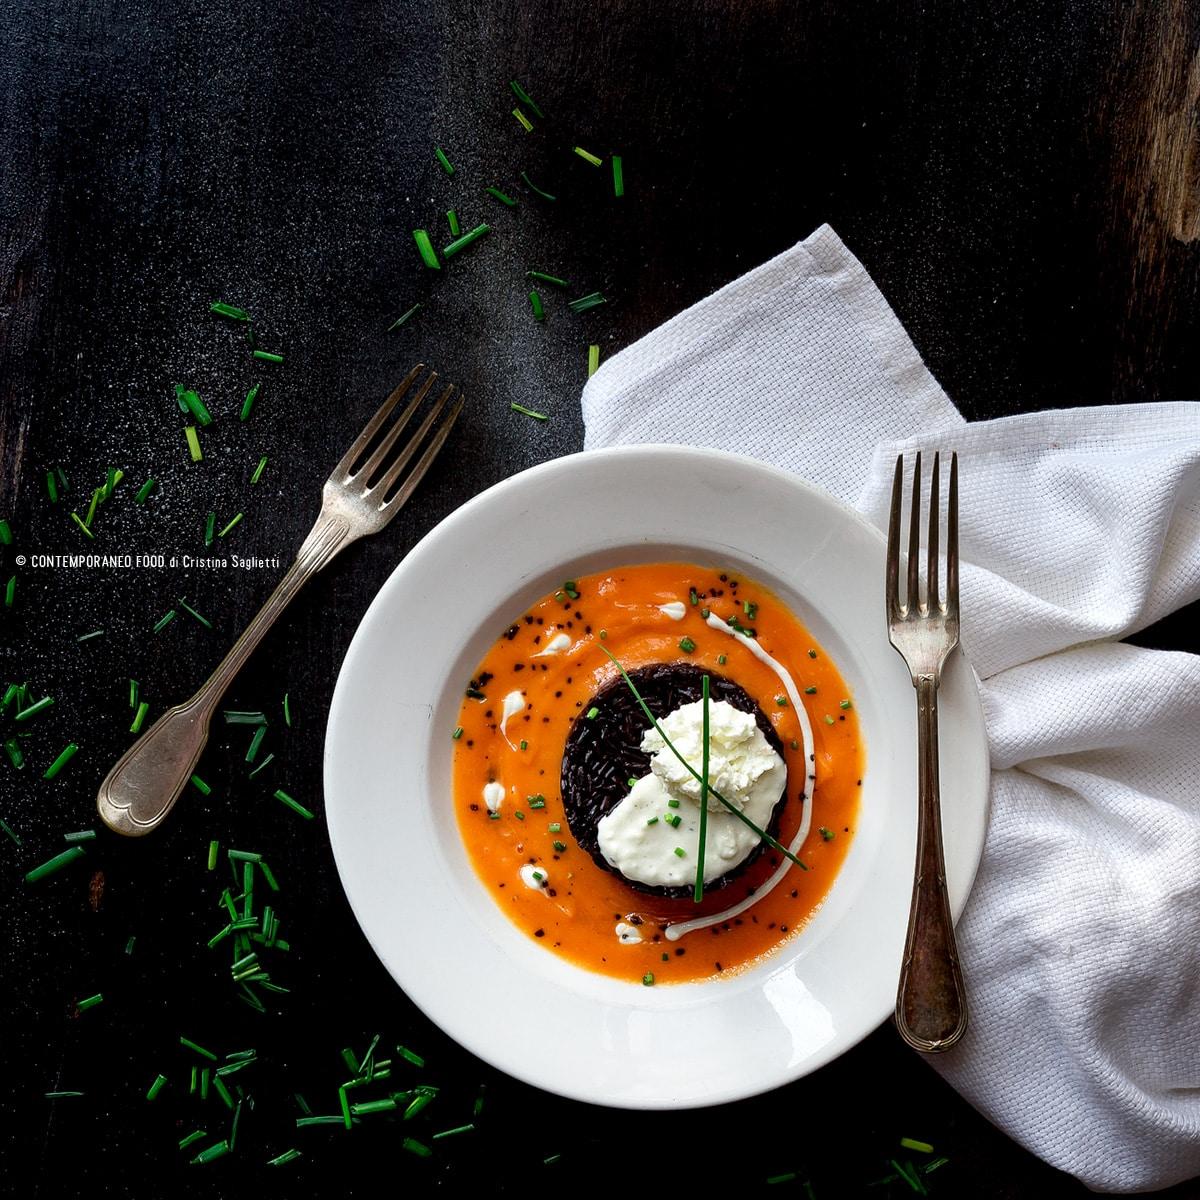 riso-buono-artemide-con-coulis-di-papaya-crema-di-feta-greca-erba-cipollina-sale-nero-light-ricetta-risotto-primo-contemporaneo-food